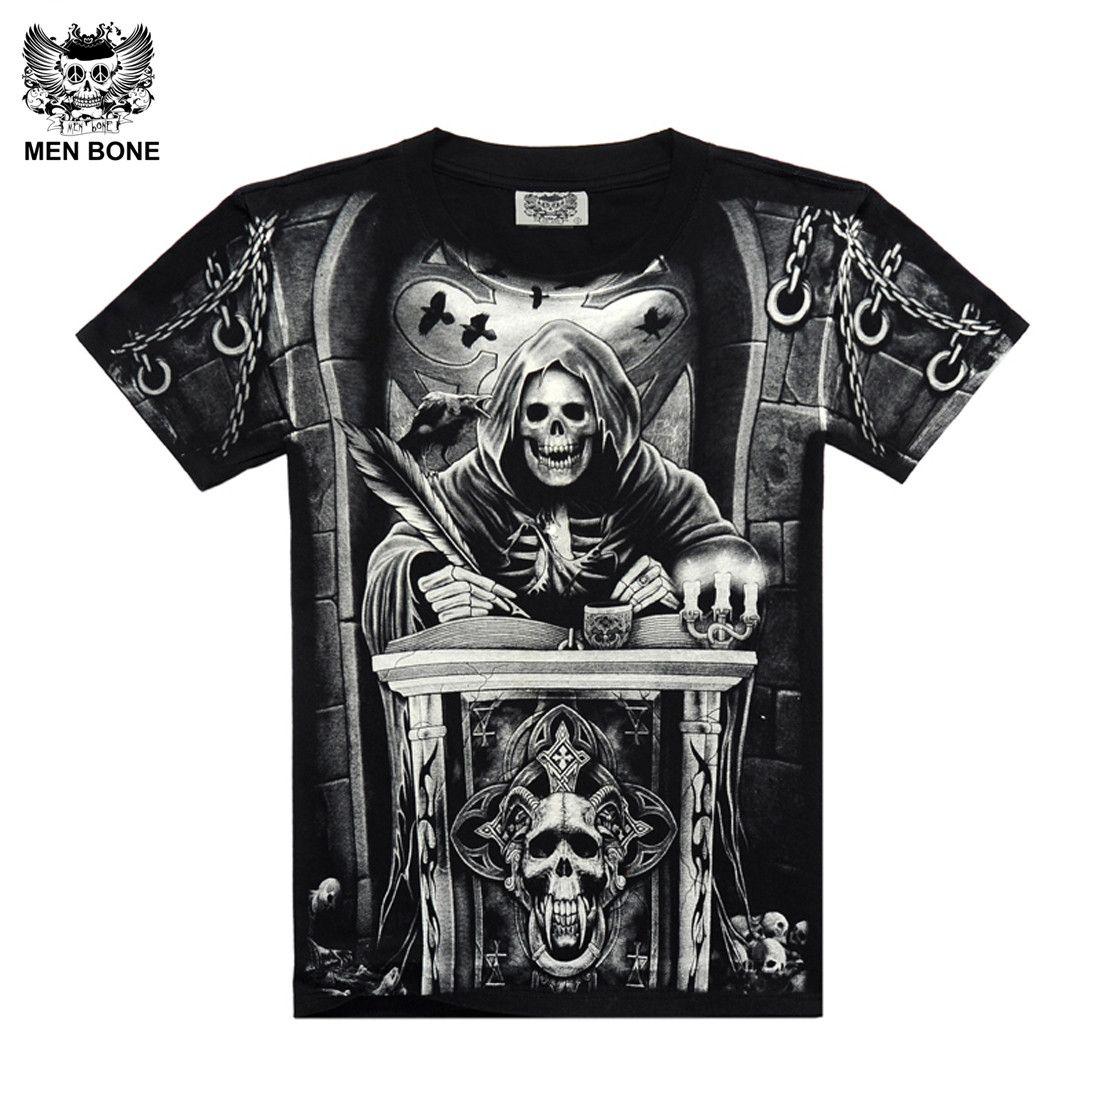 [Hommes os] t-shirt crâne de faucheuse Style métal lourd noir chemise d'impression Hip Hop rue rock manche en métal lourd